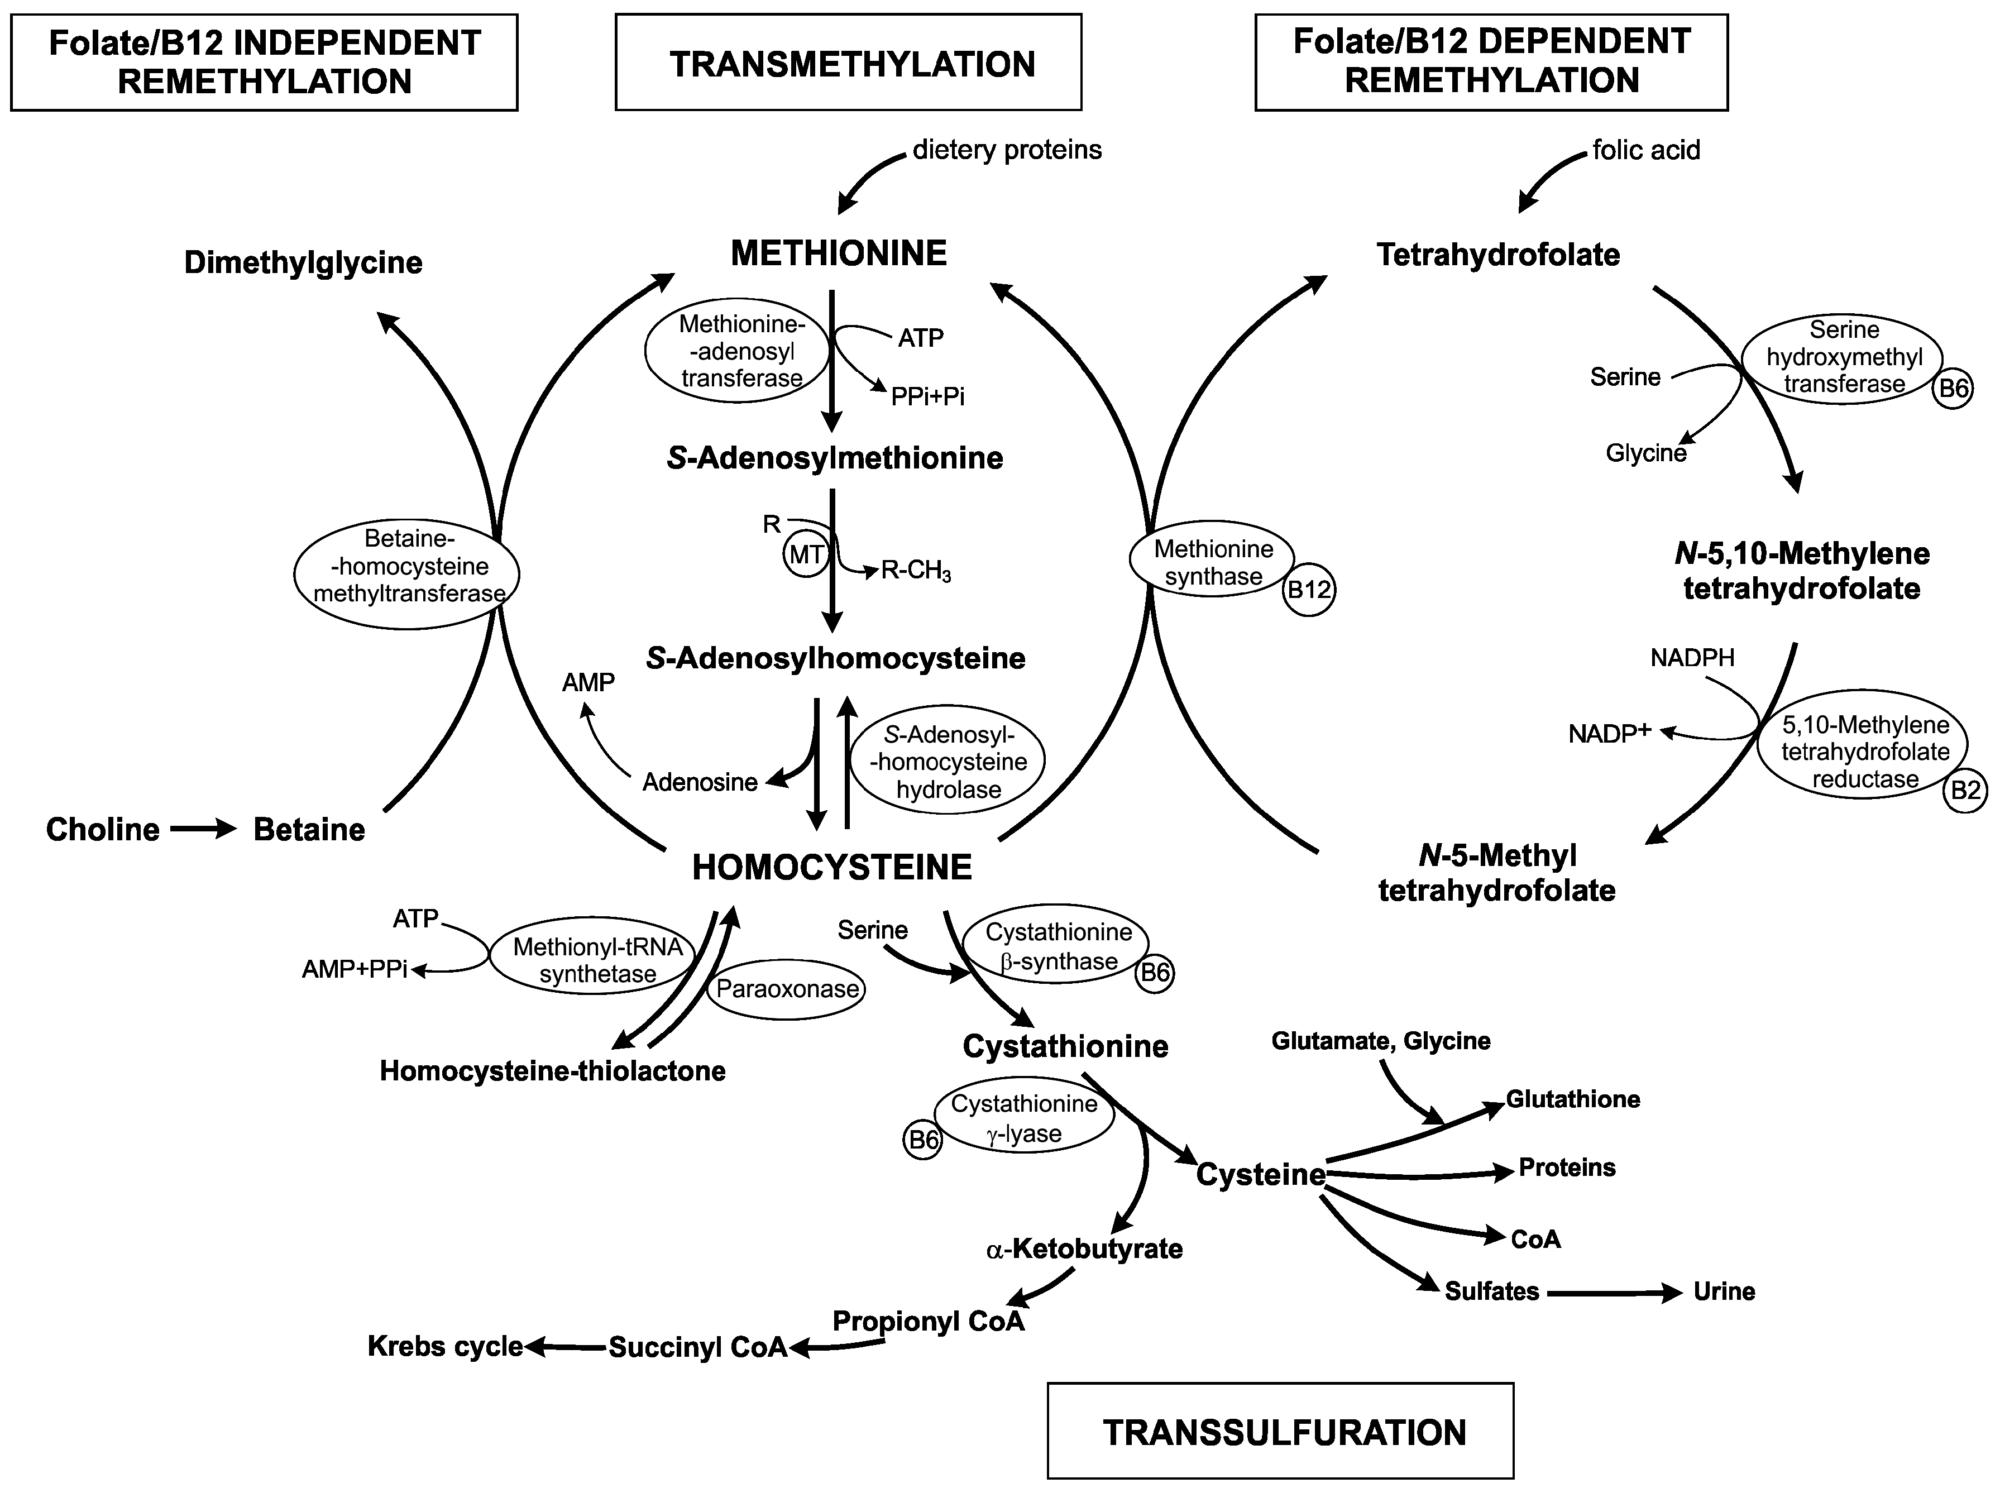 Homocysteine Metabolism https://www.ncbi.nlm.nih.gov/pubmed/27775595